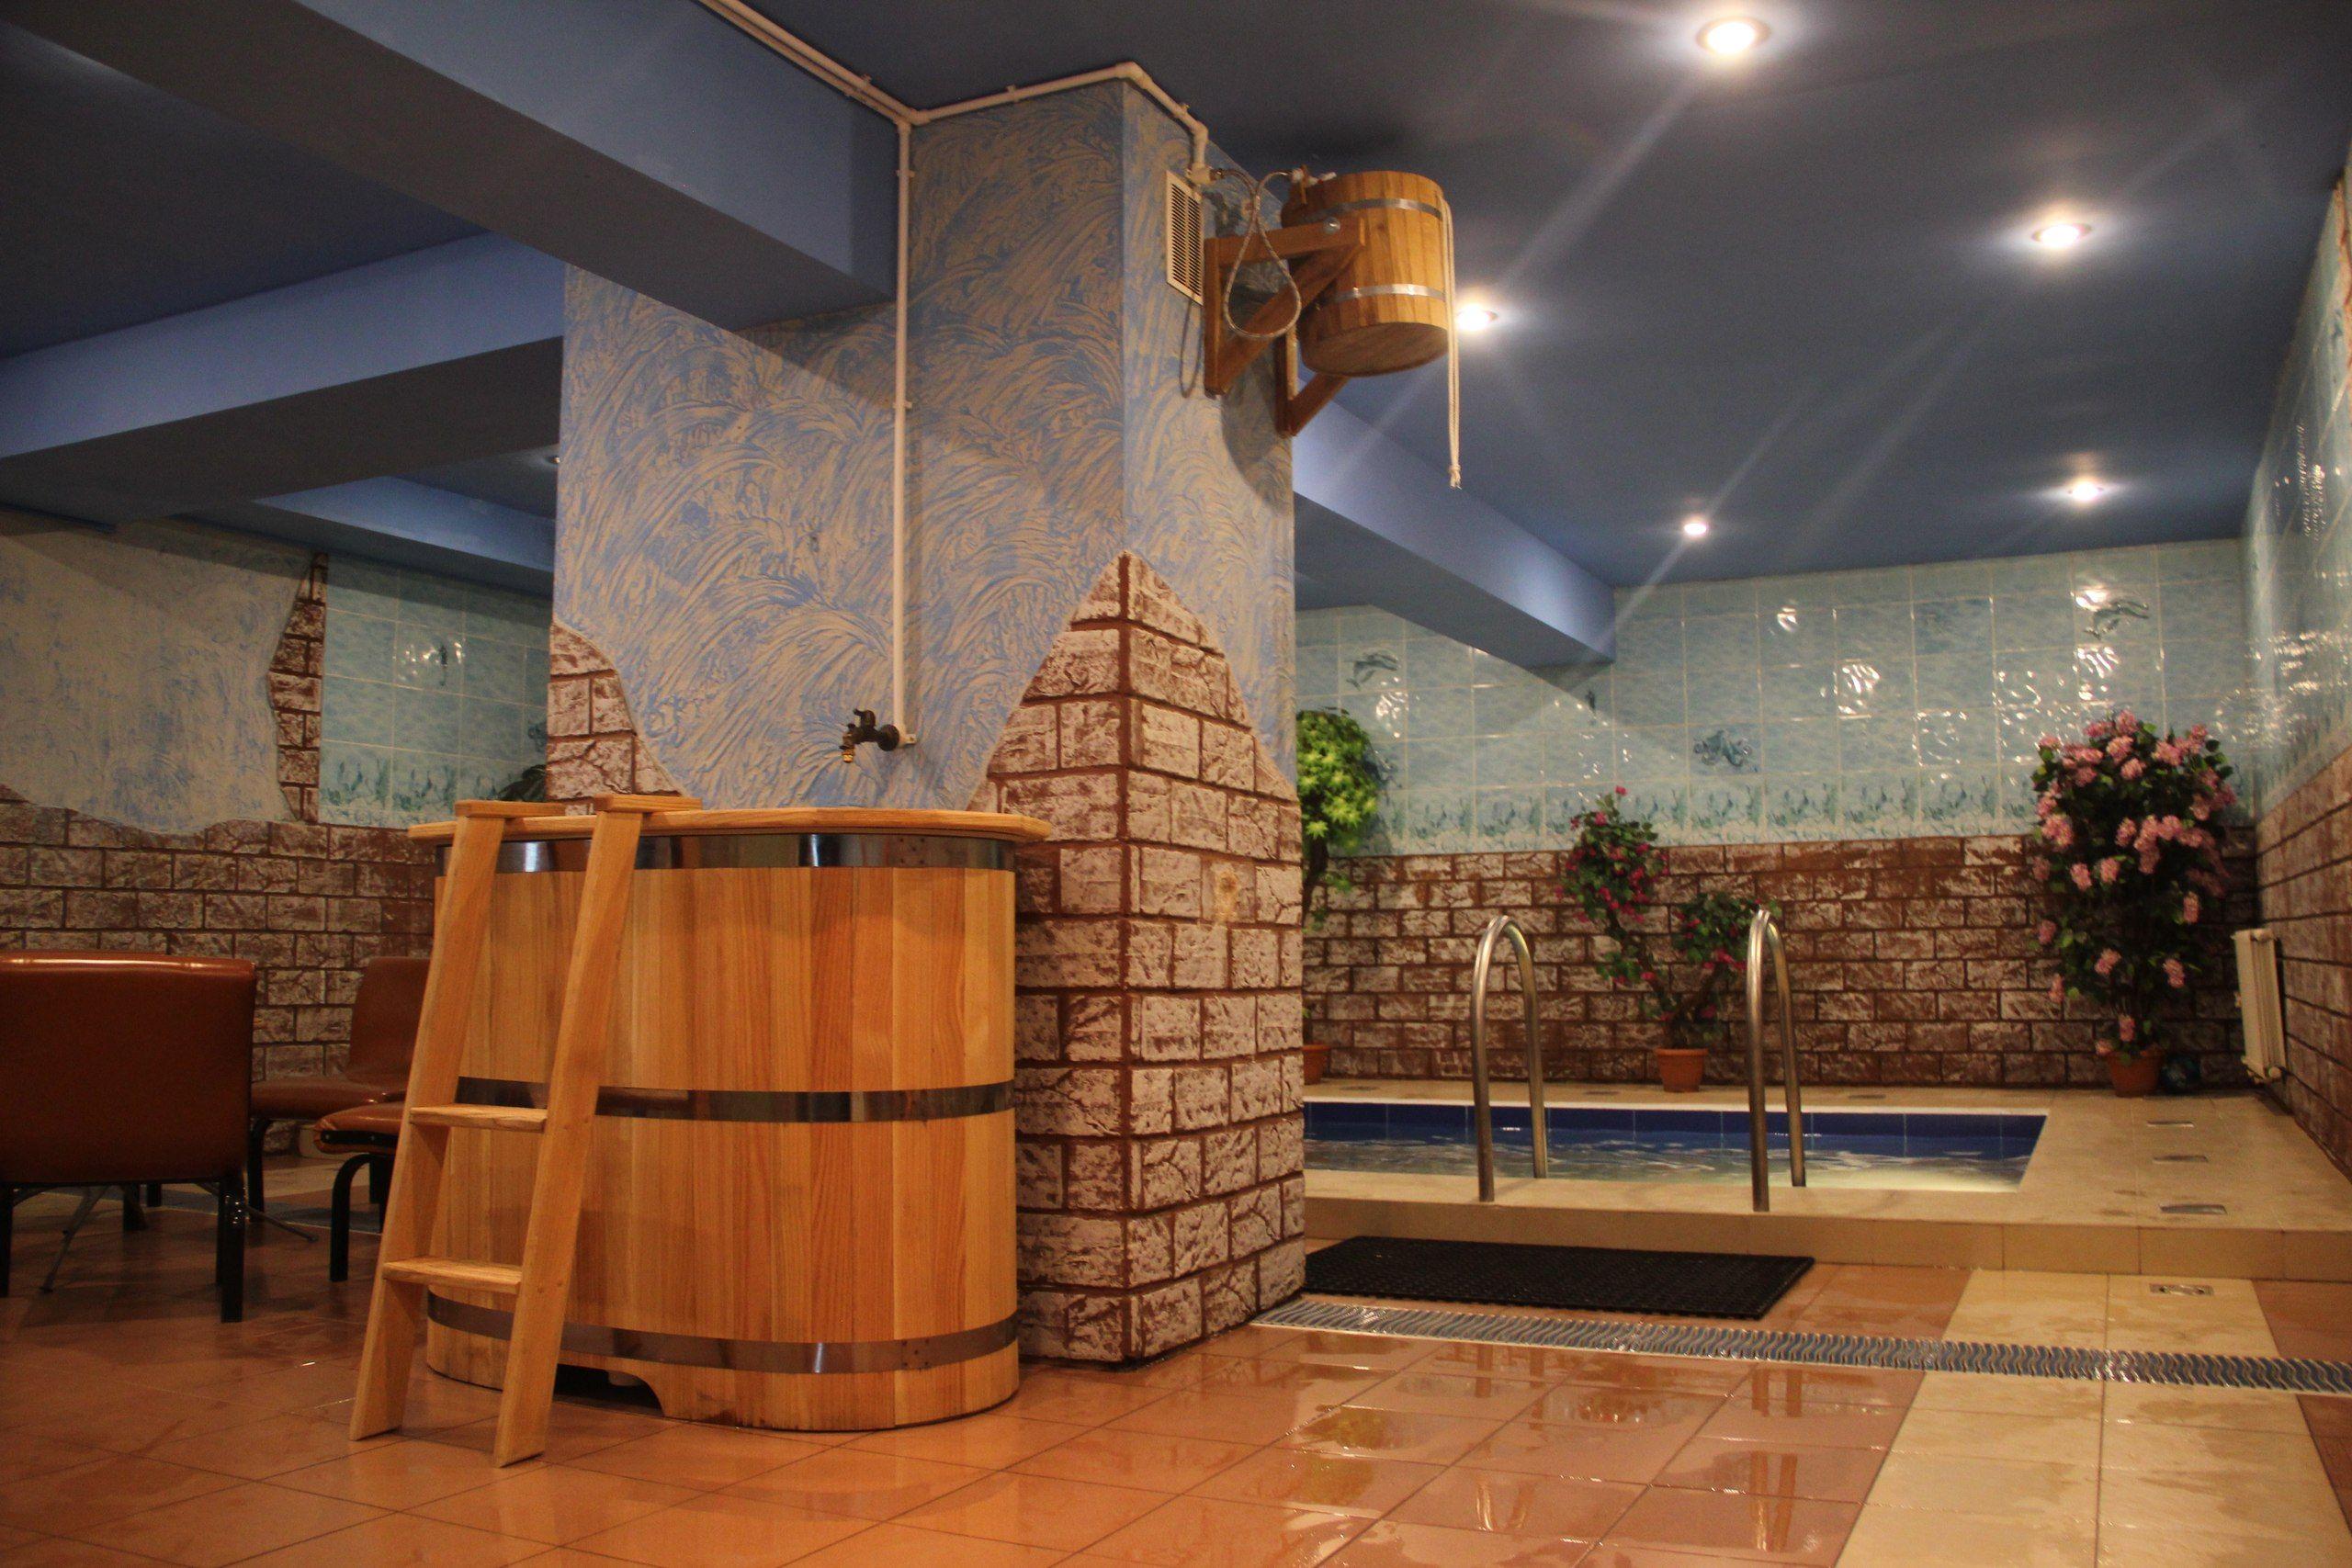 Лучшие бани и сауны Санкт-Петербурга в 2021 году